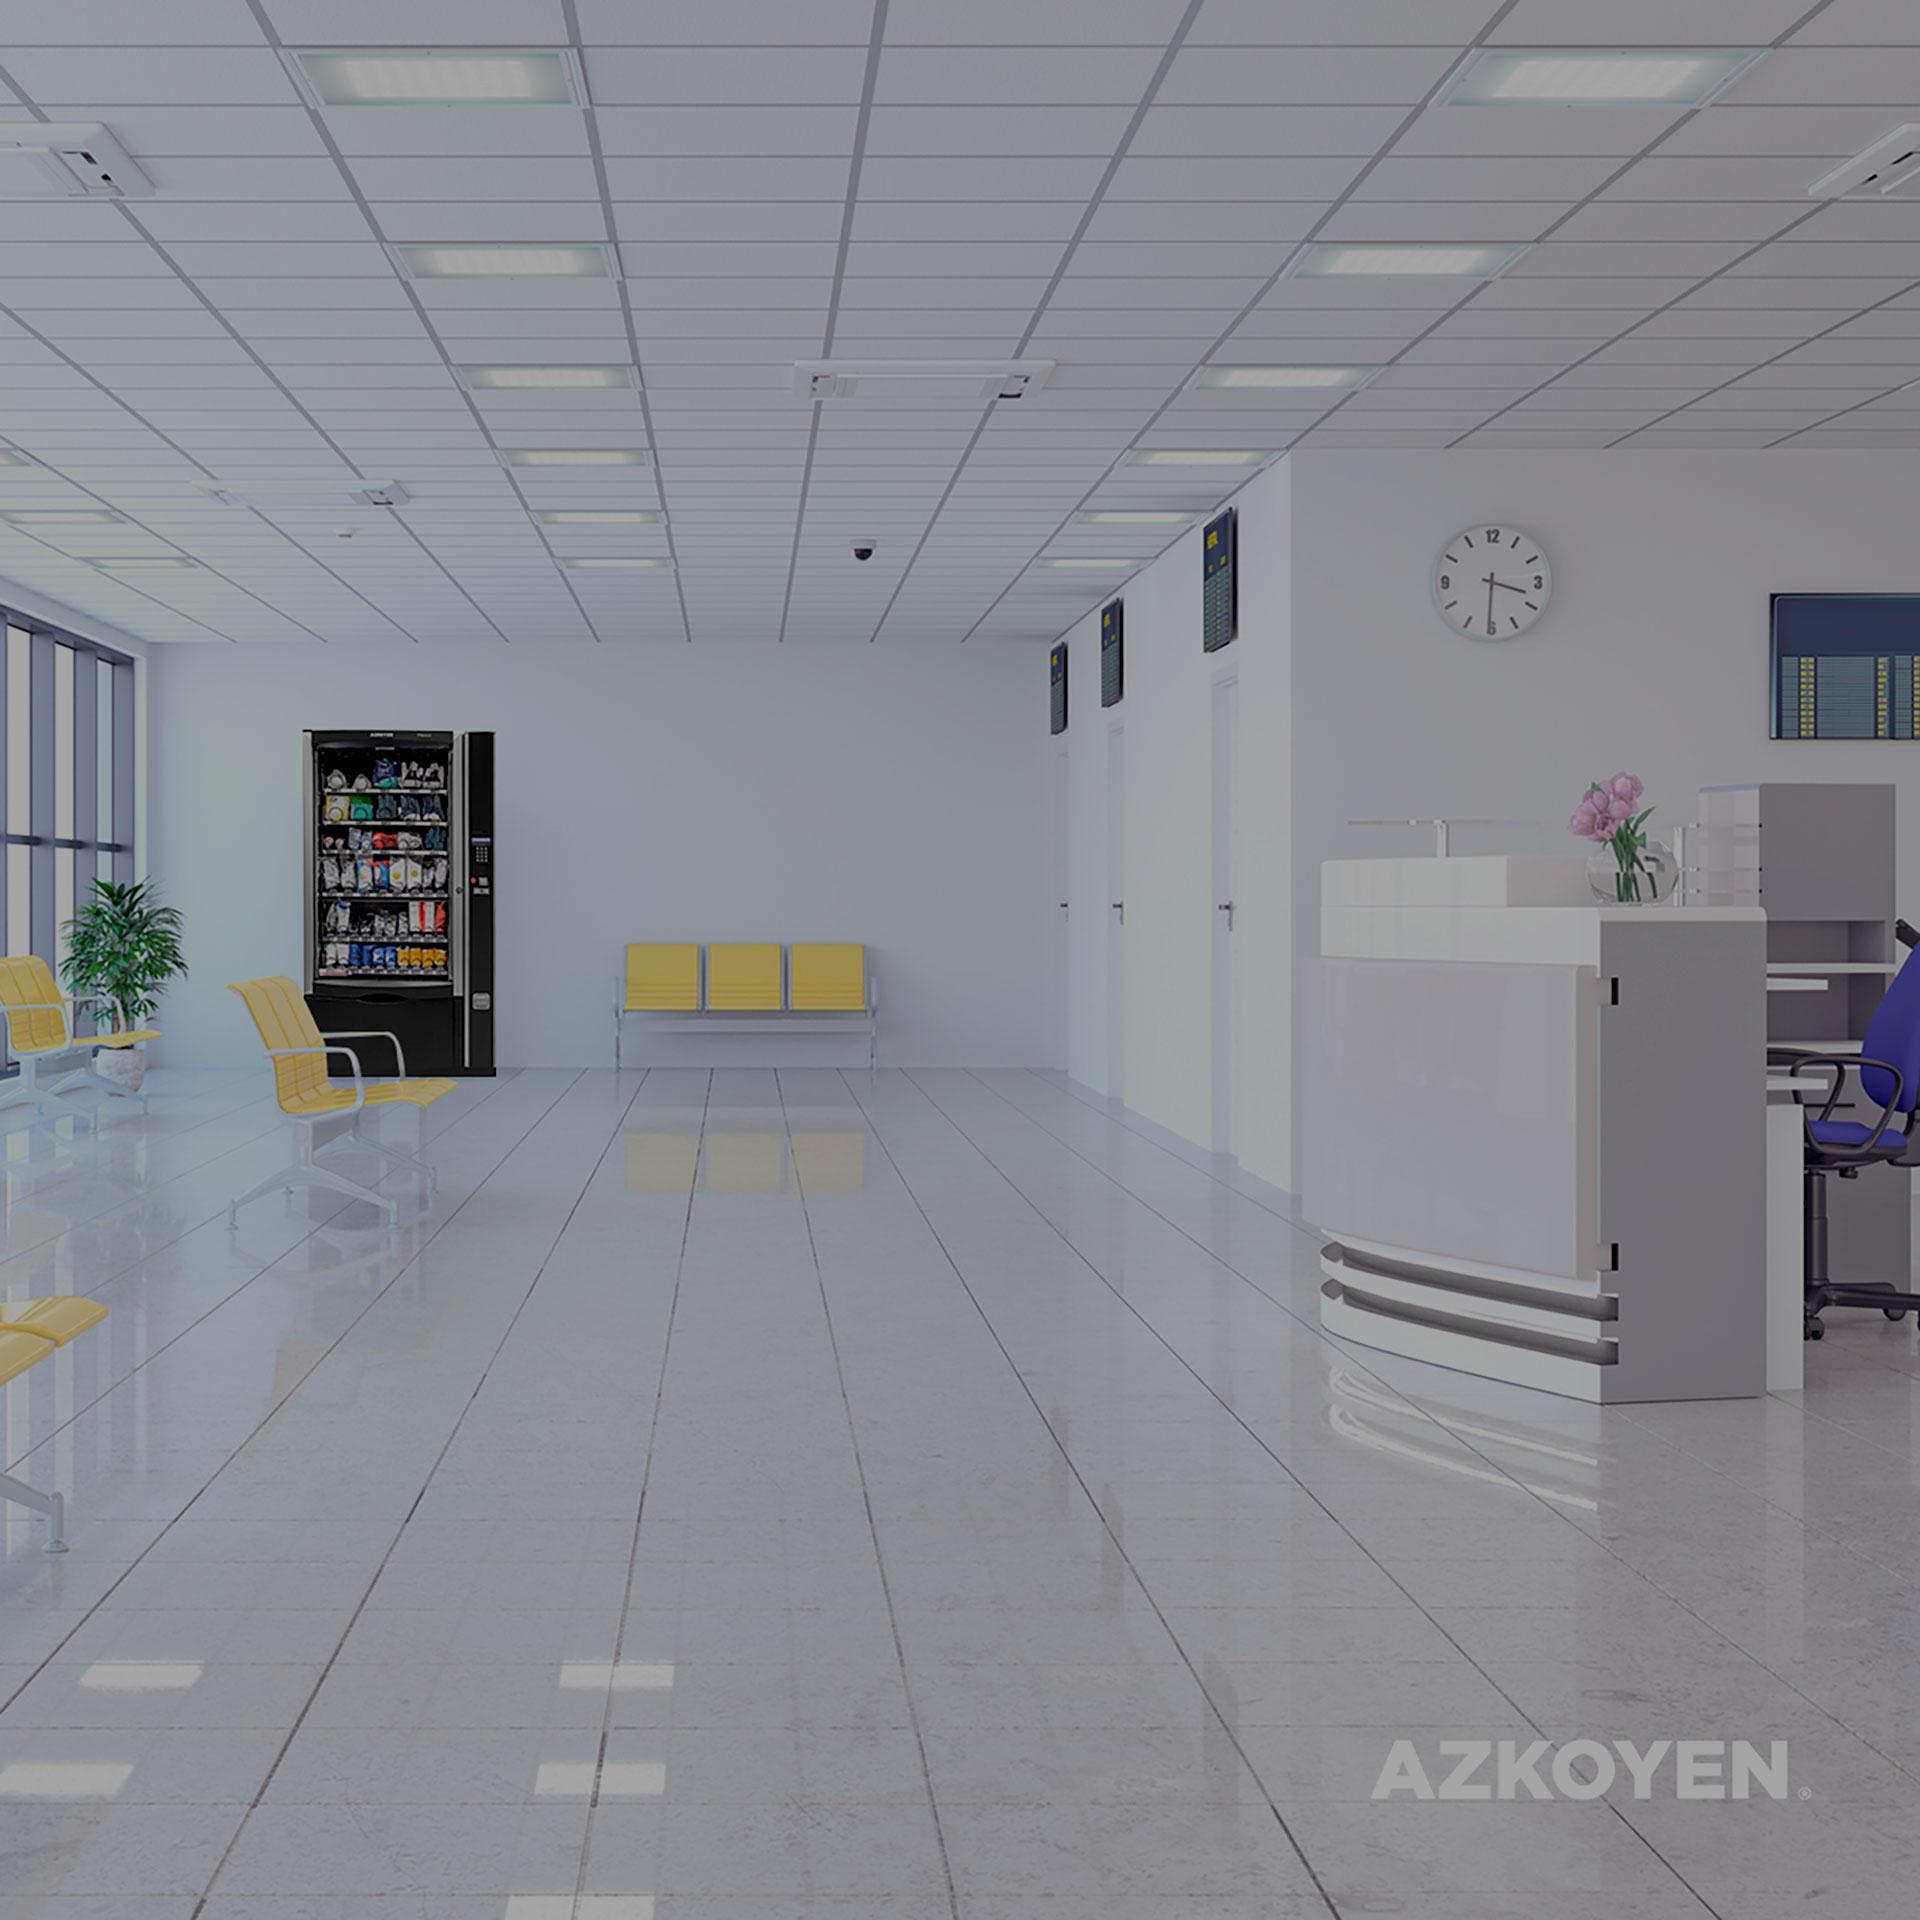 Azkoyen collabore pour la distribution d'EPI gratuits dans ses distributeurs automatiques